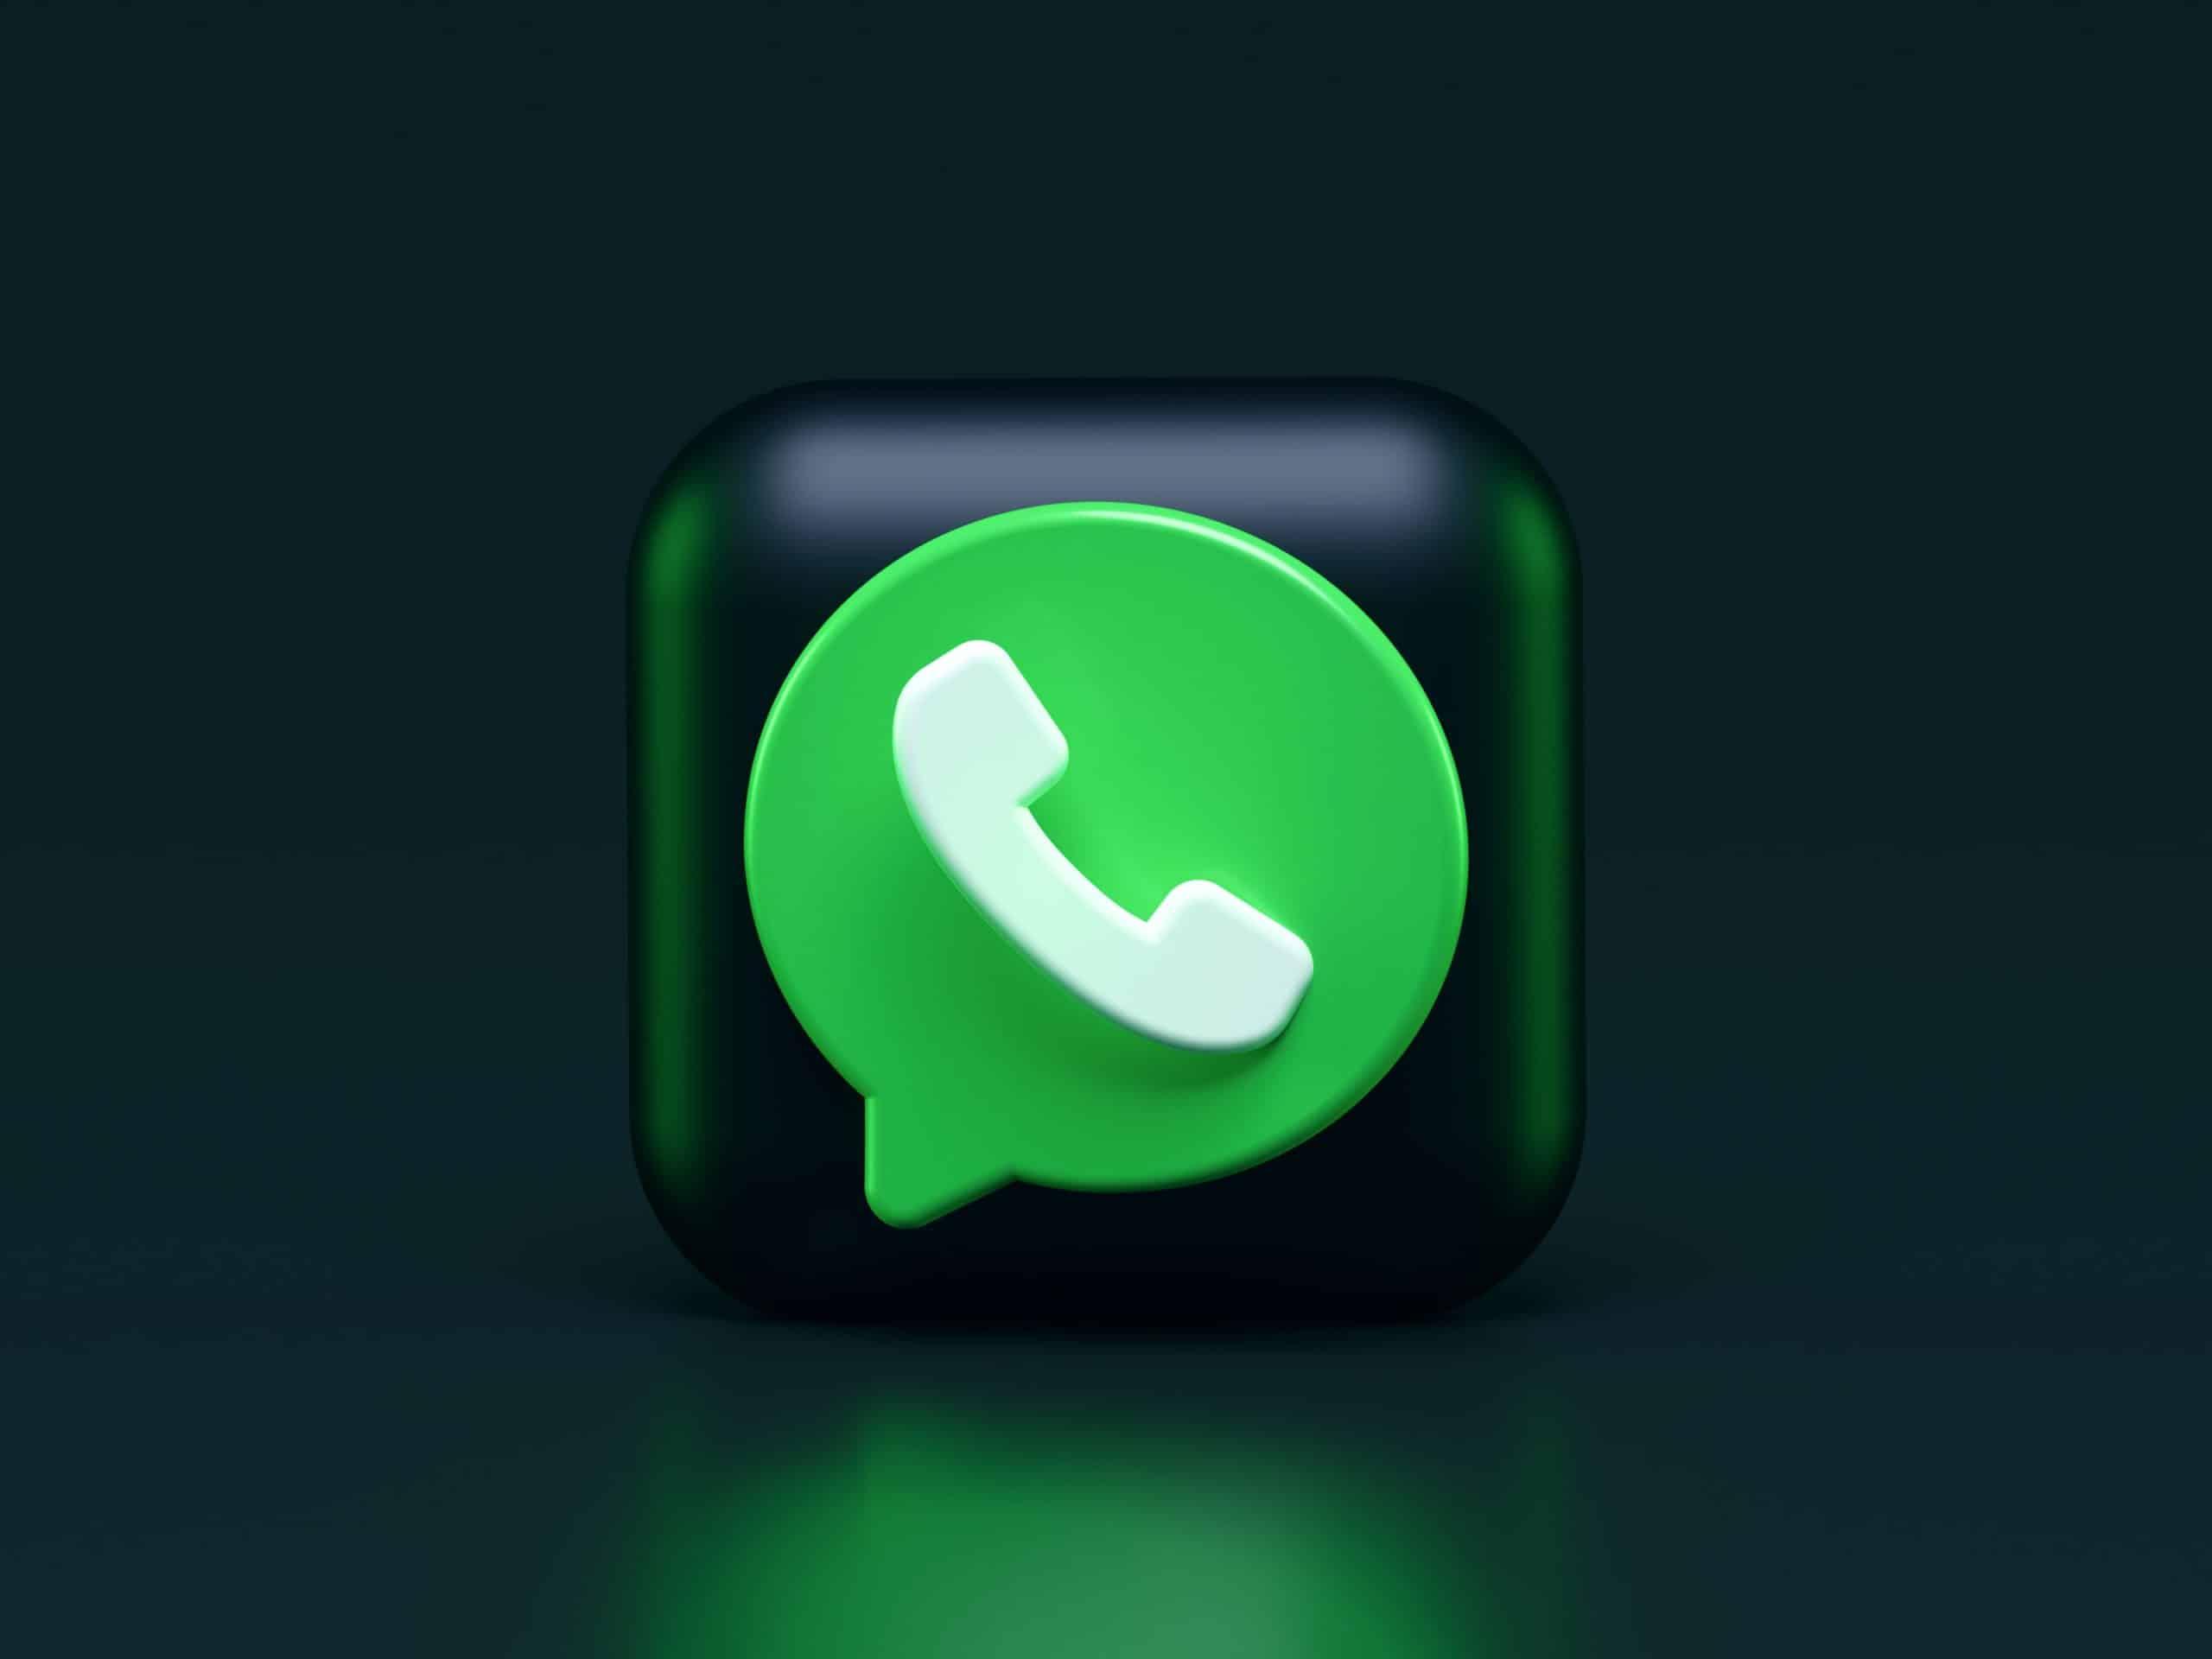 WhatsApp cessera de fonctionner progressivement pour ceux qui n'acceptent pas les nouvelles CGU